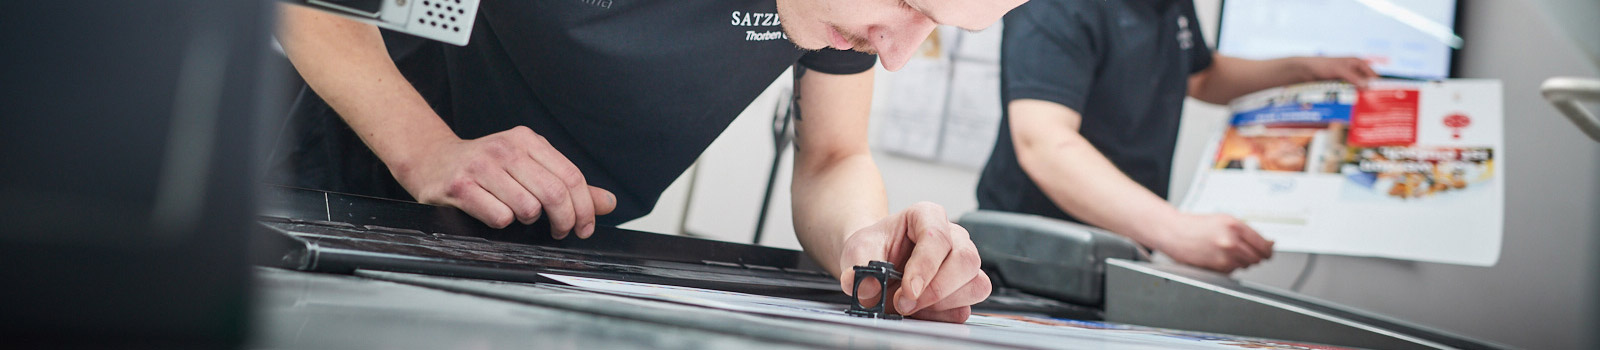 Druck-Fachwissen lernen im Druck-Glossar der Druckerei Satzdruck aus Coesfeld (NRW)